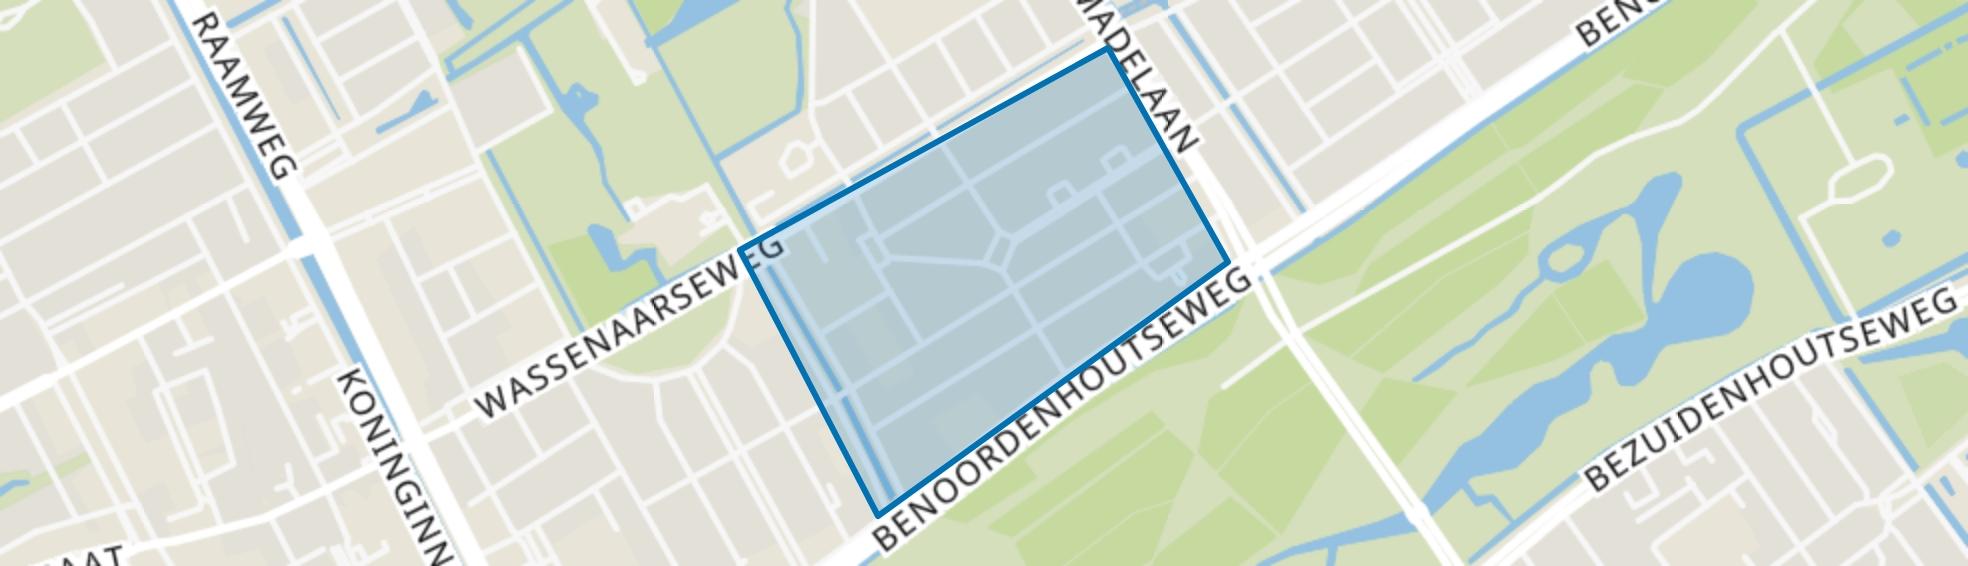 Van Hoytemastraat en omgeving, Den Haag map